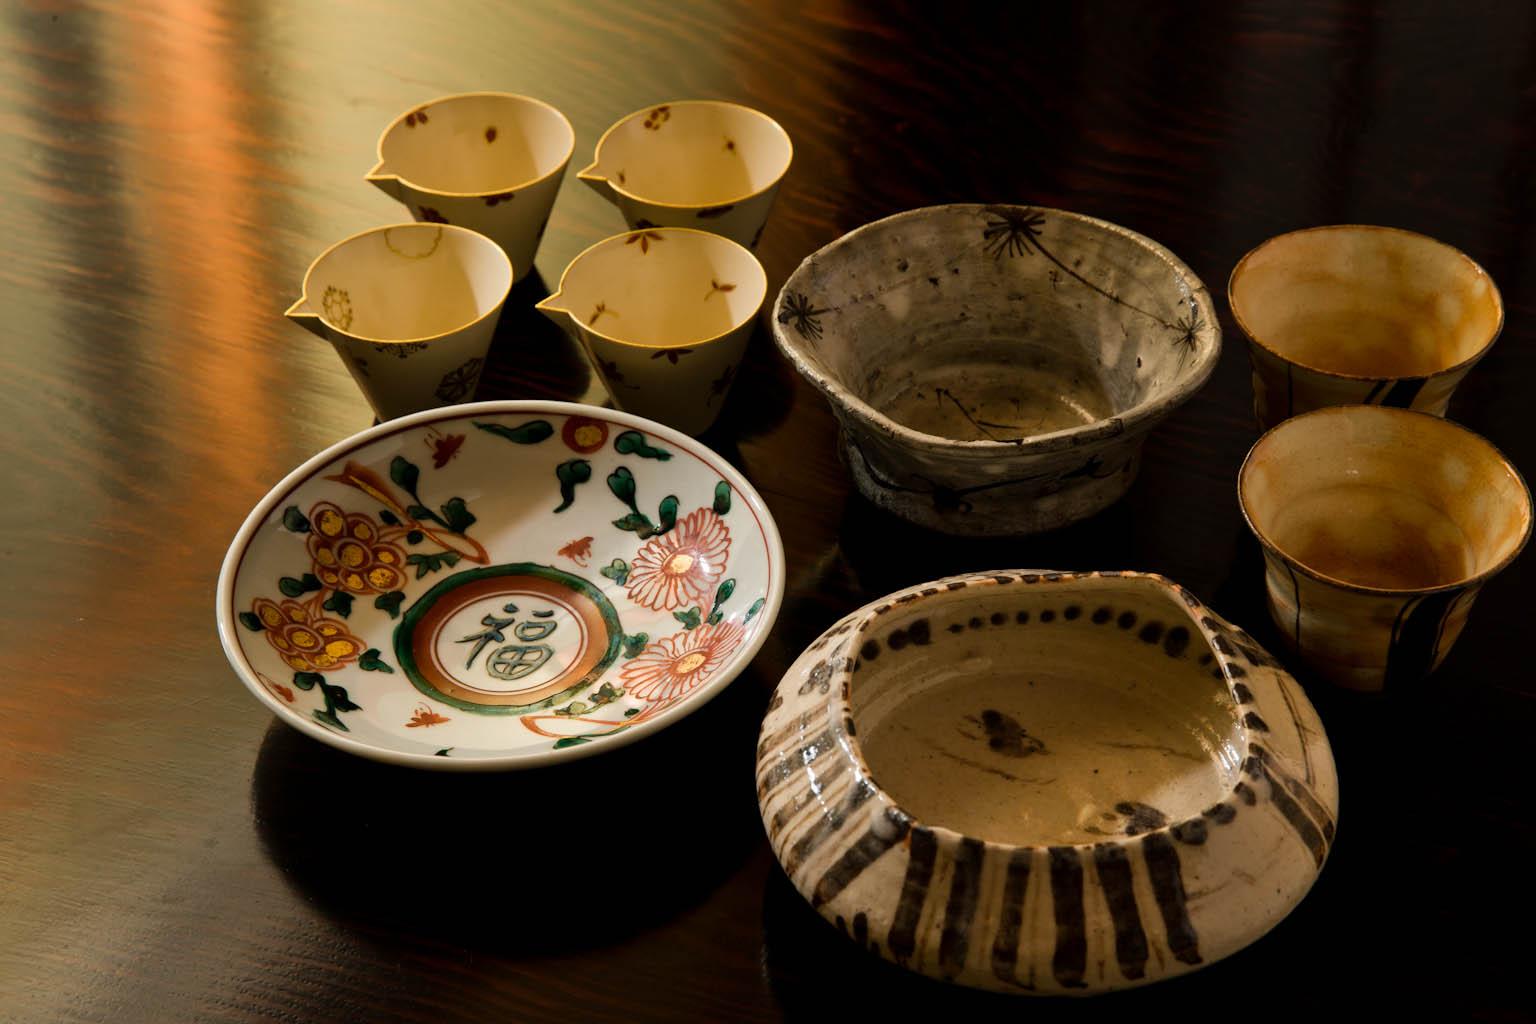 Gion Matayoshi item #0